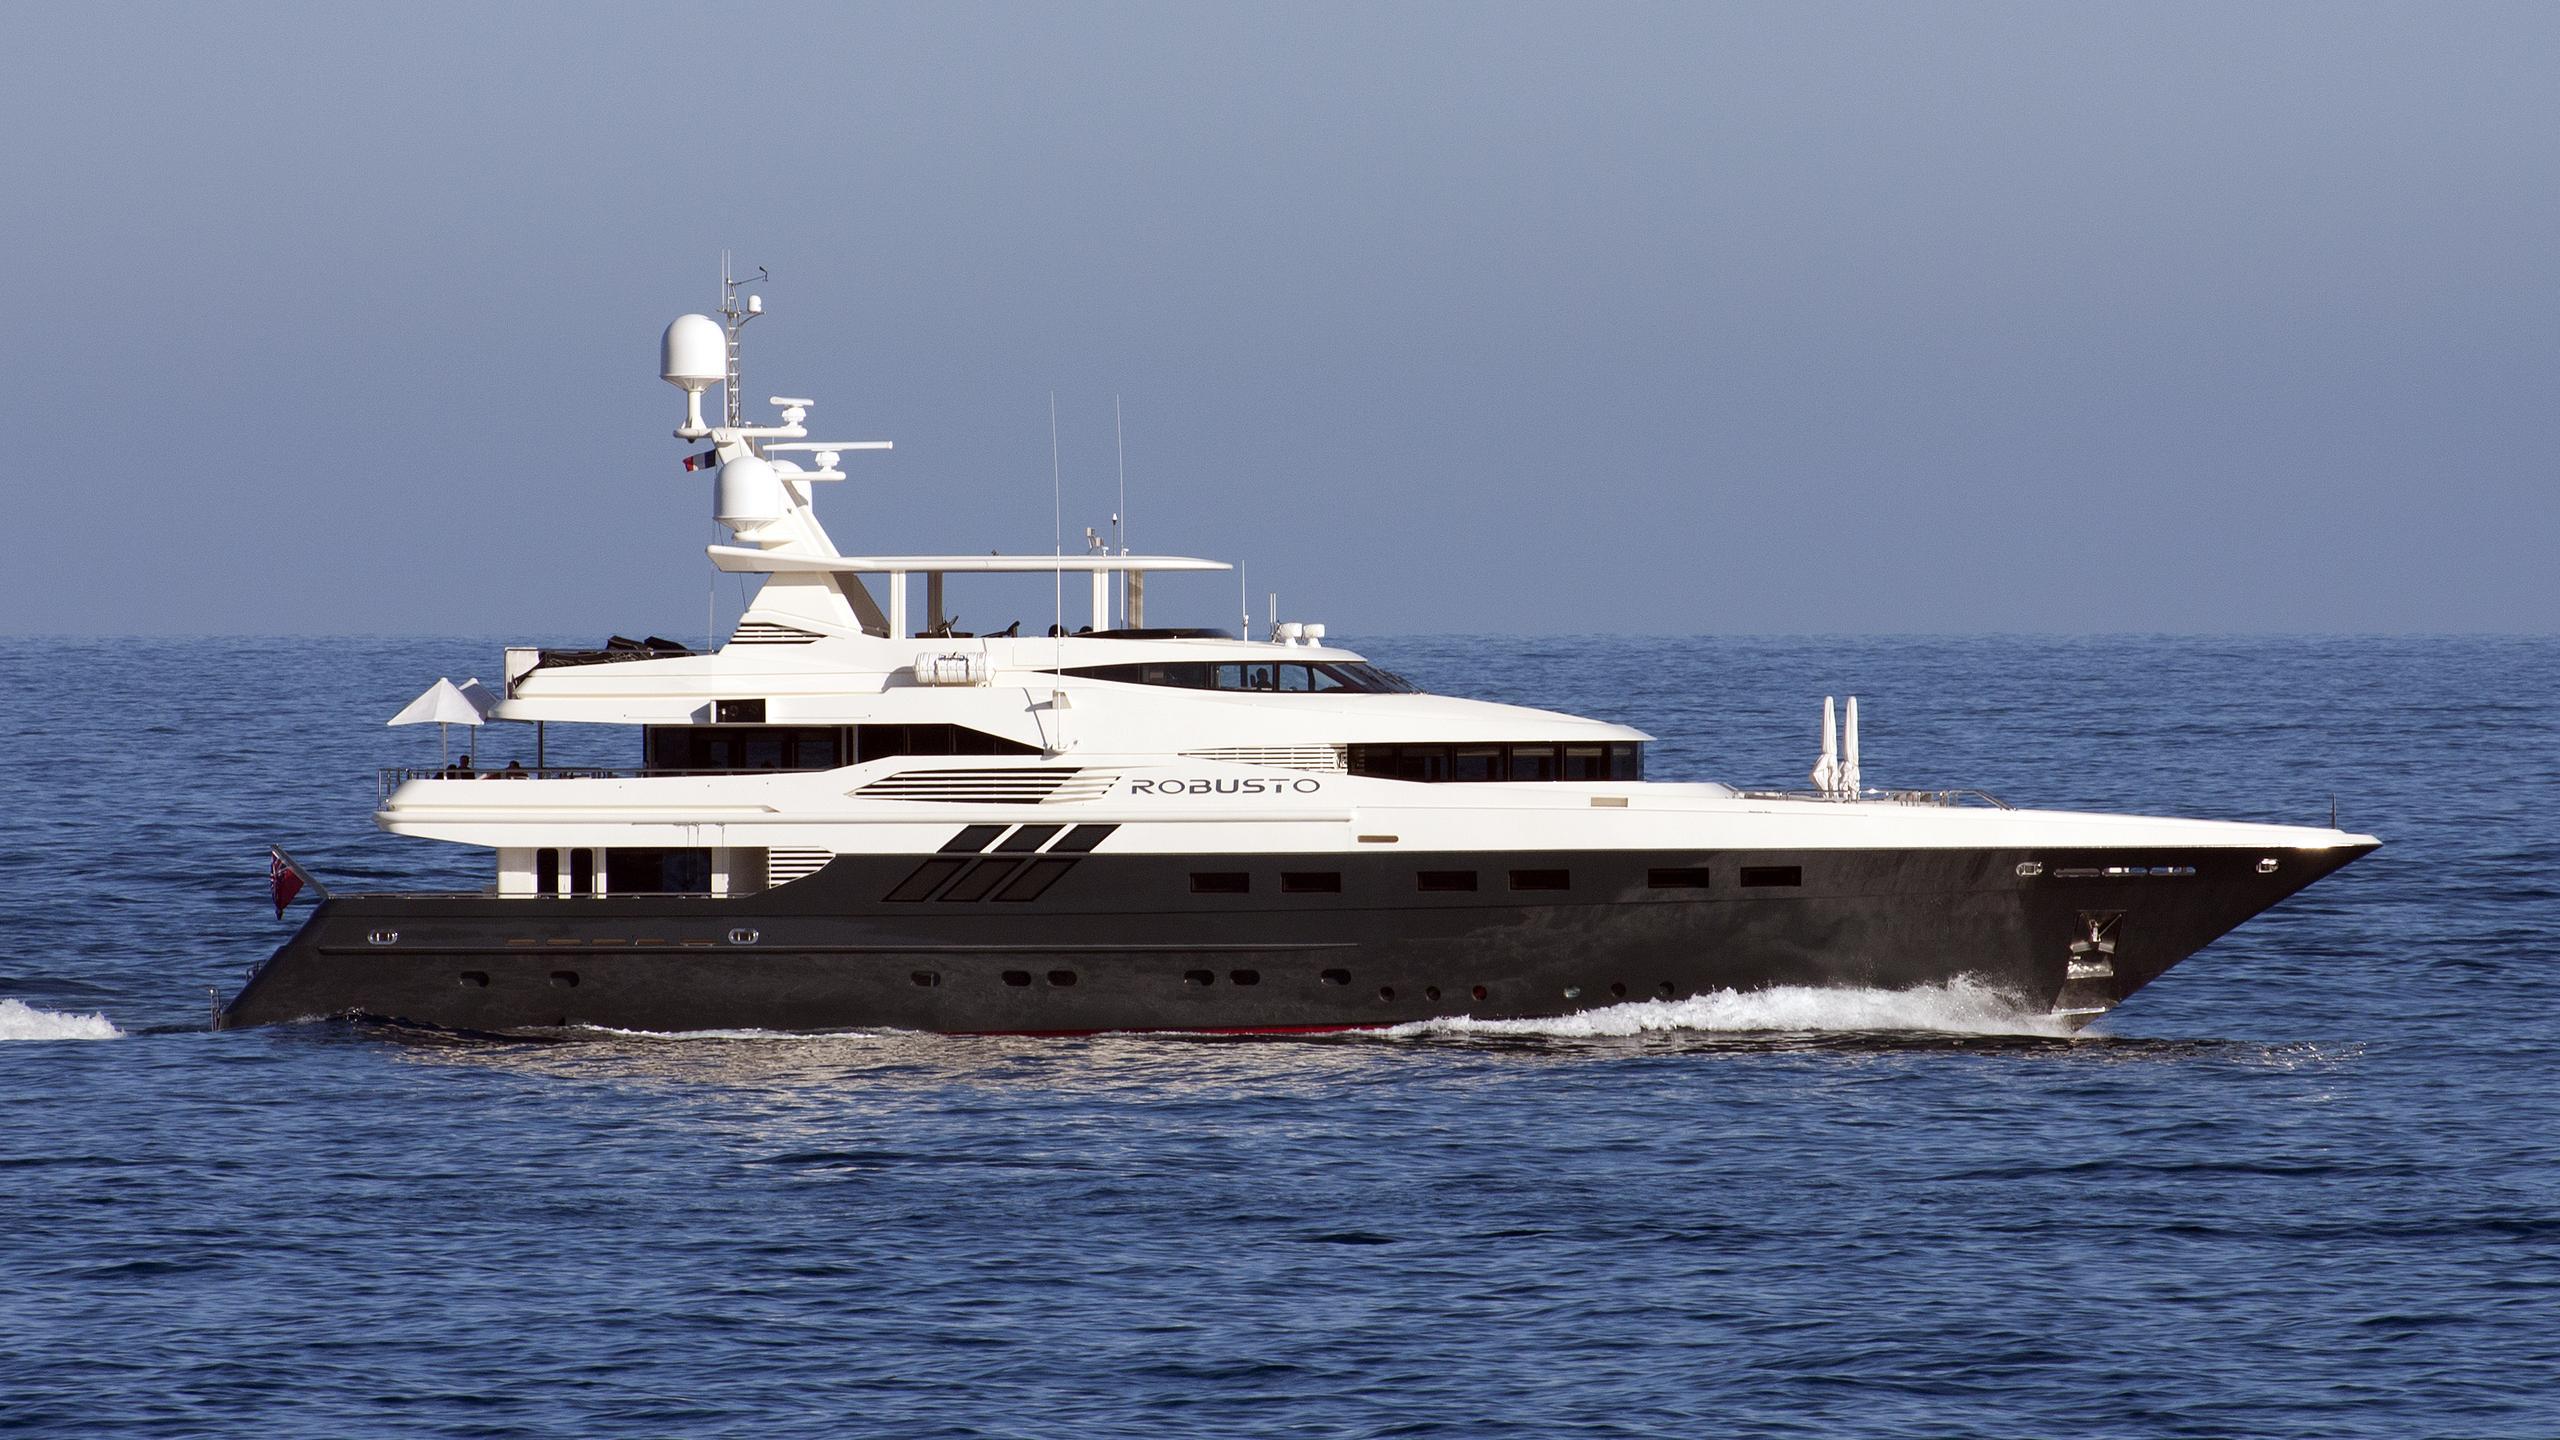 robusto-motor-yacht-lloyds-1992-43m-profile